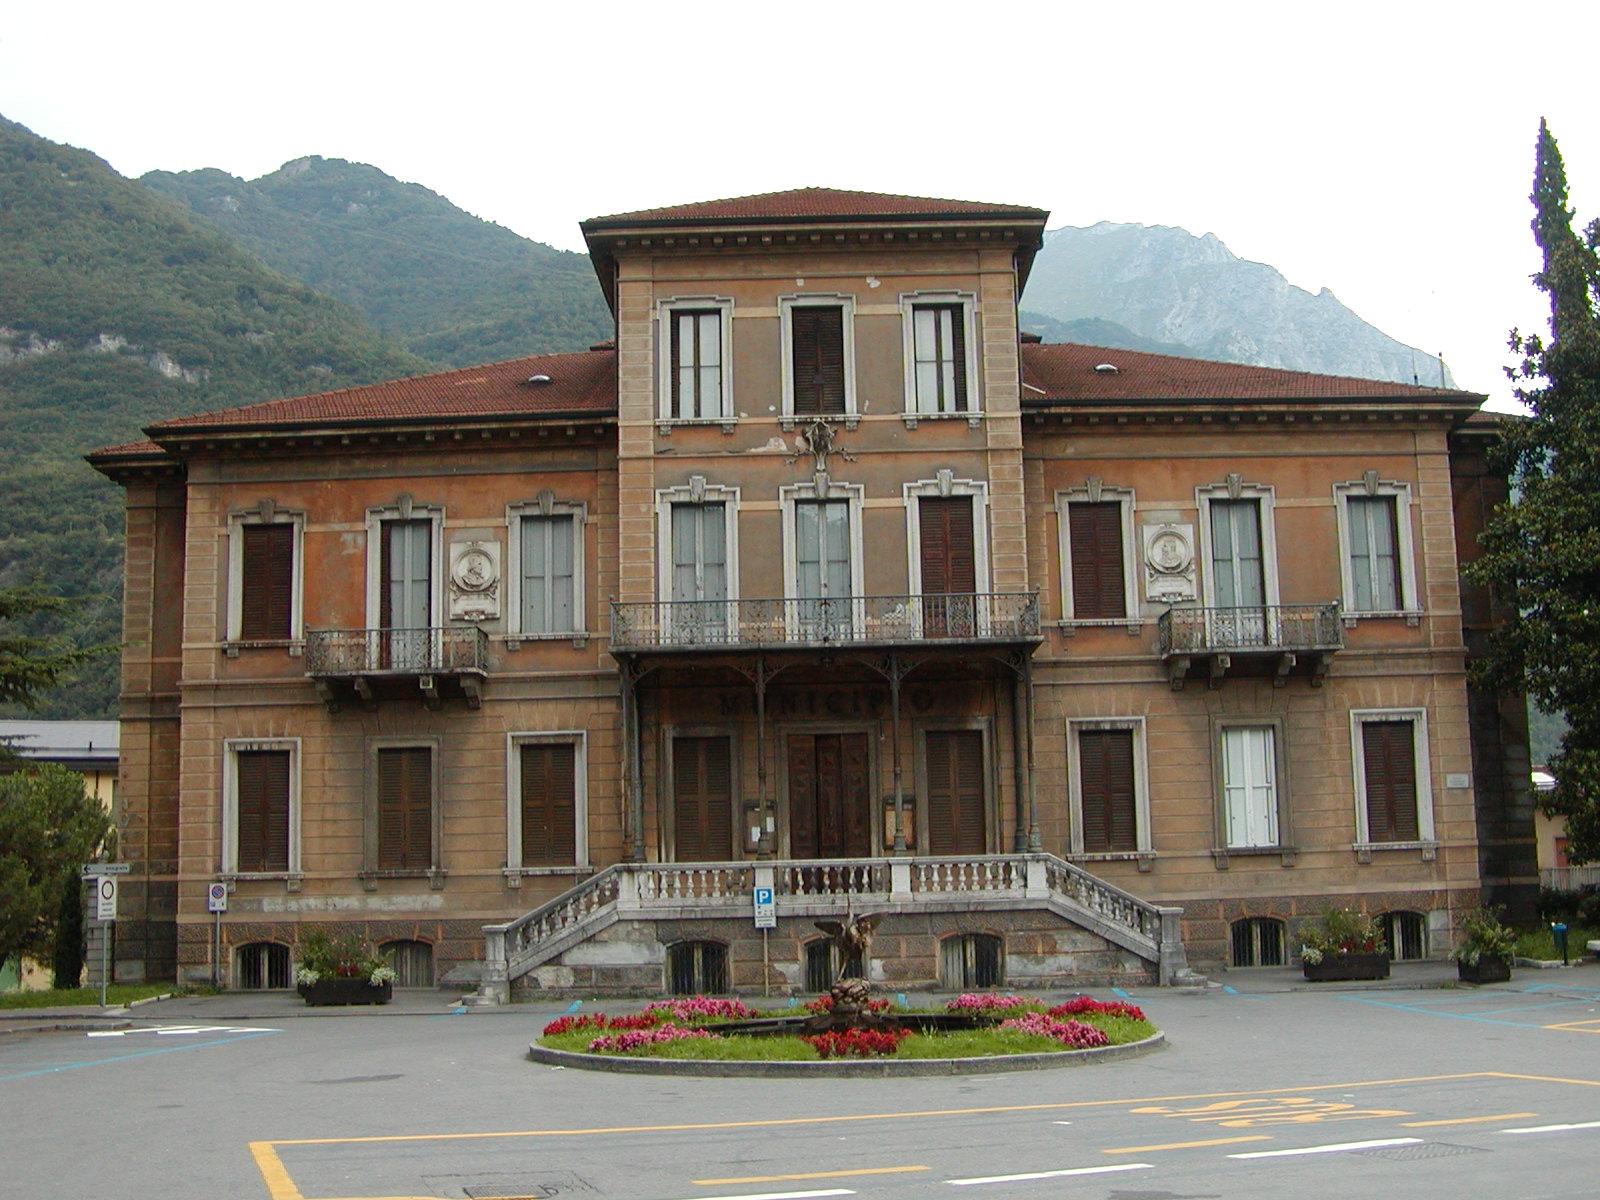 Studio-di-architettura-Baisotti-Sigala-prgetti184